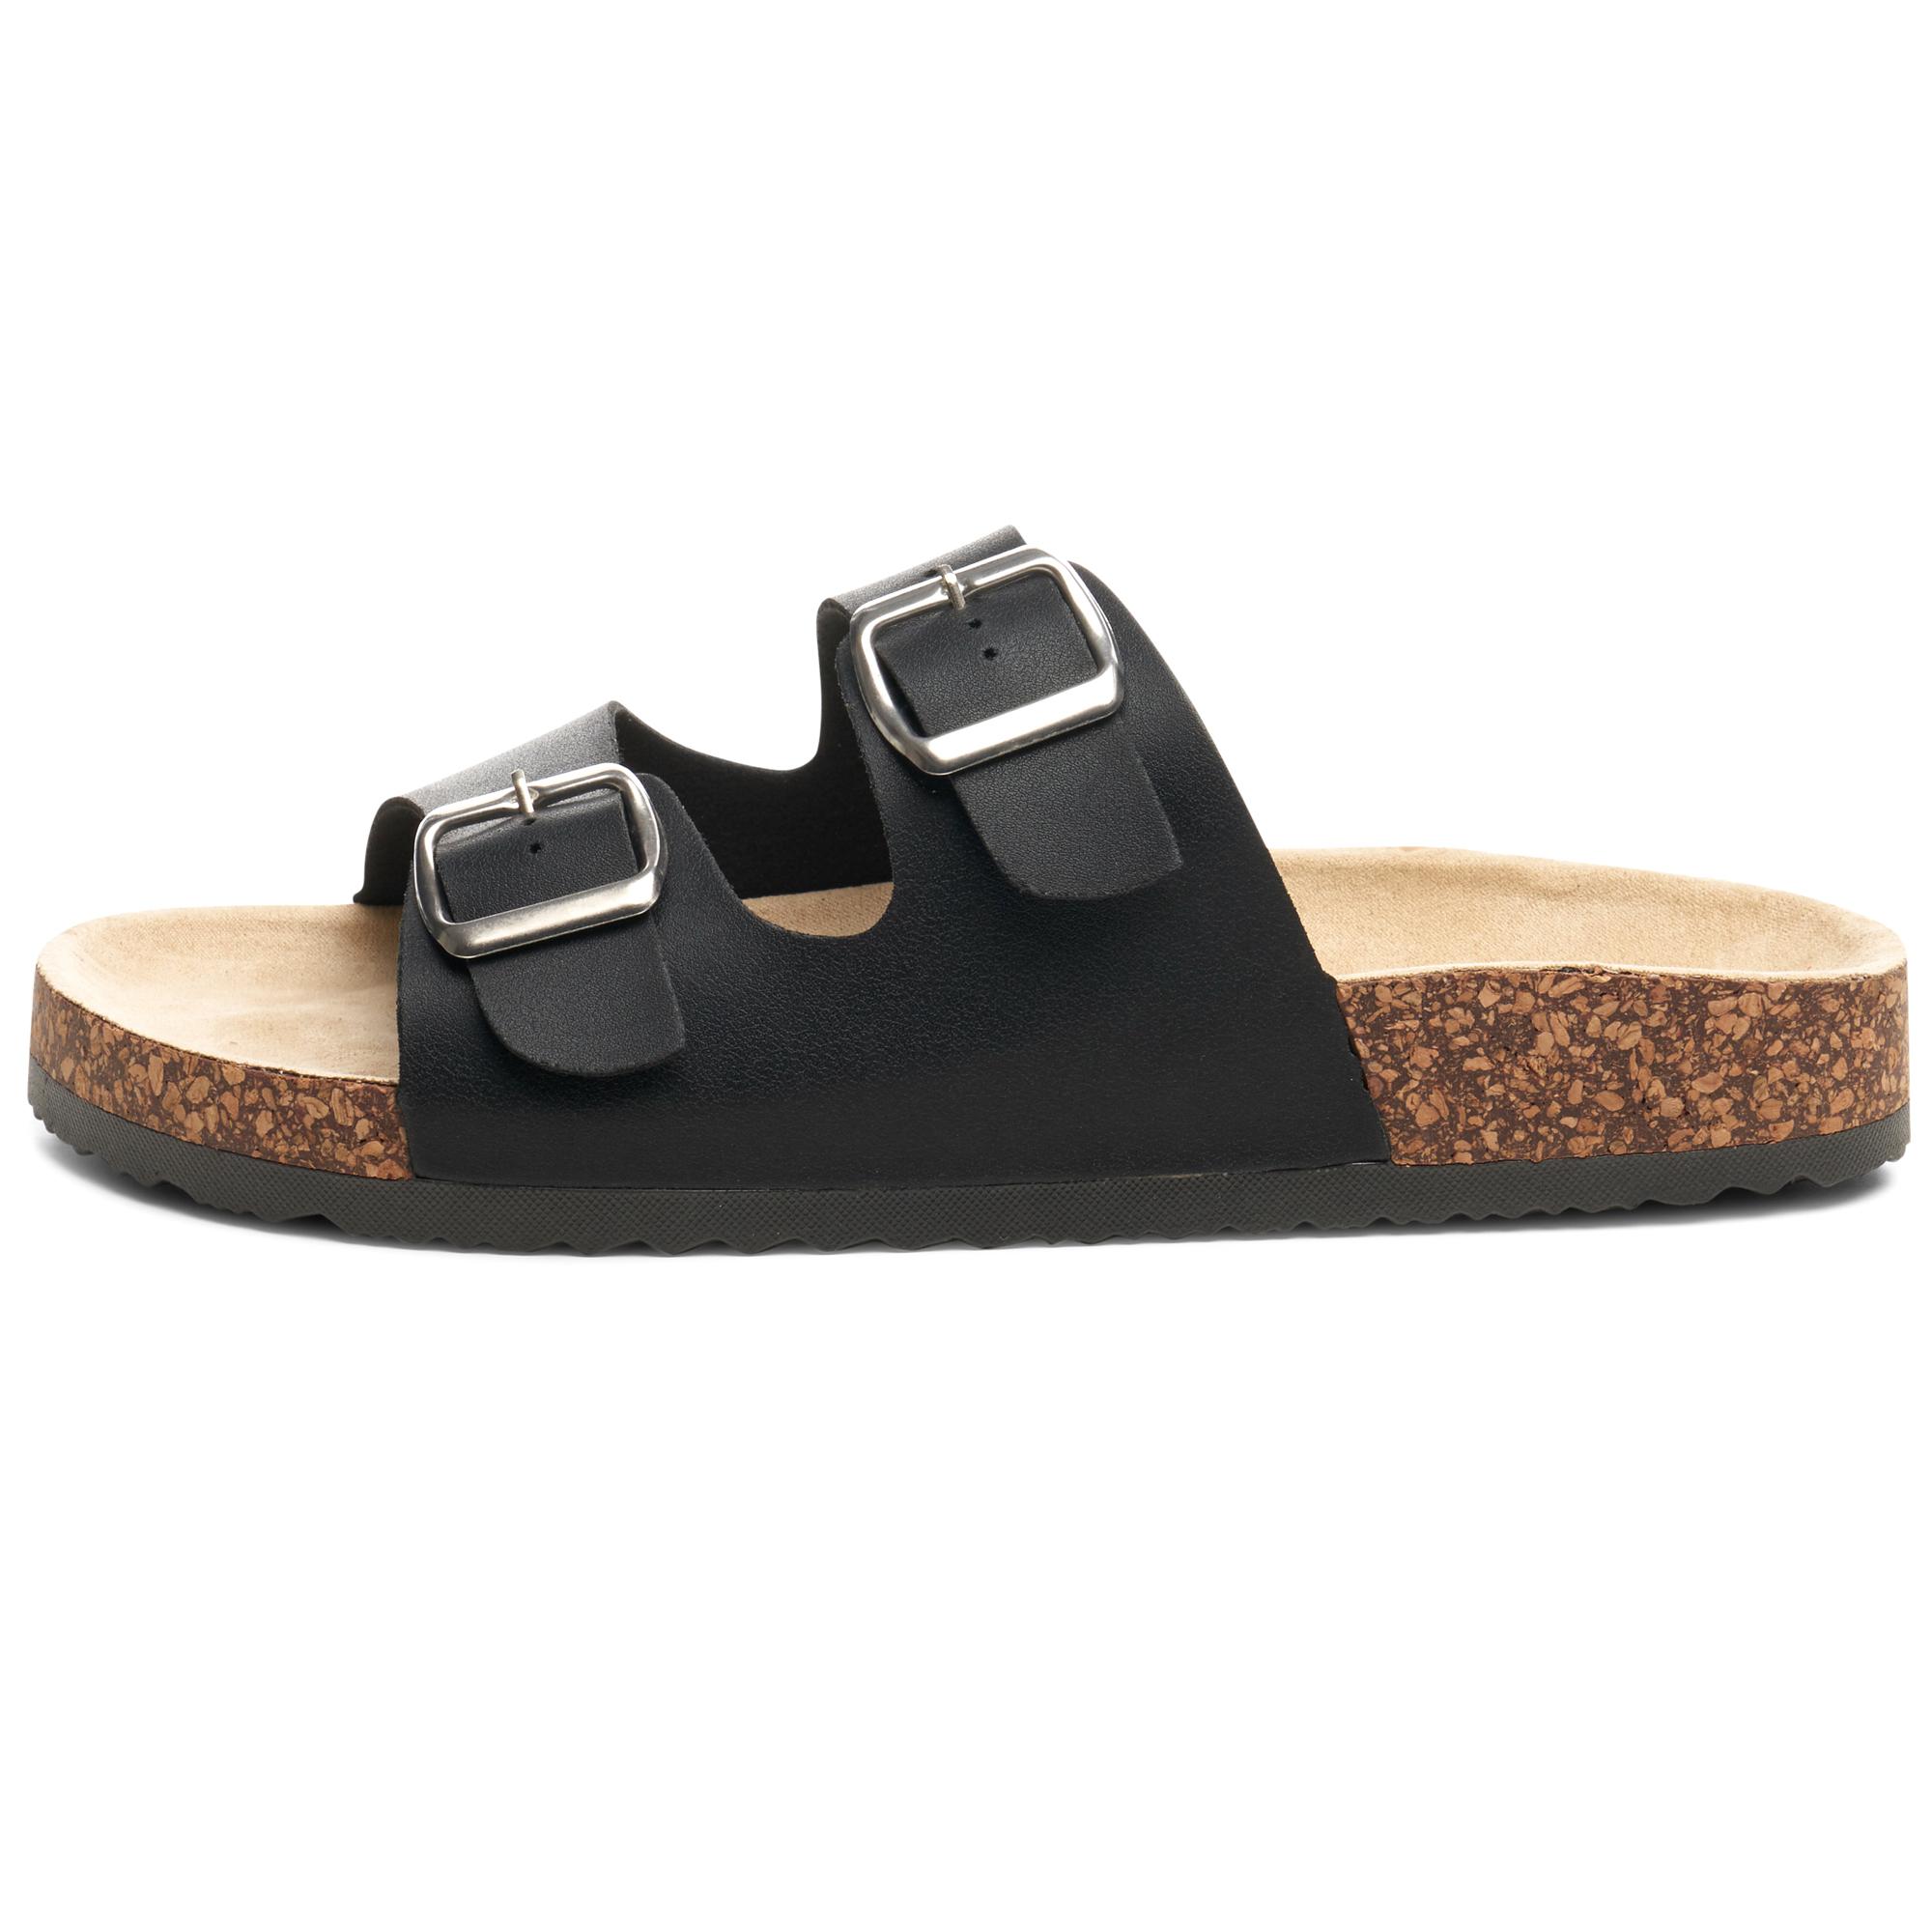 Alpine-Swiss-Womens-Double-Strap-Slide-Sandals-EVA-Sole-Flat-Comfort-Shoes thumbnail 13